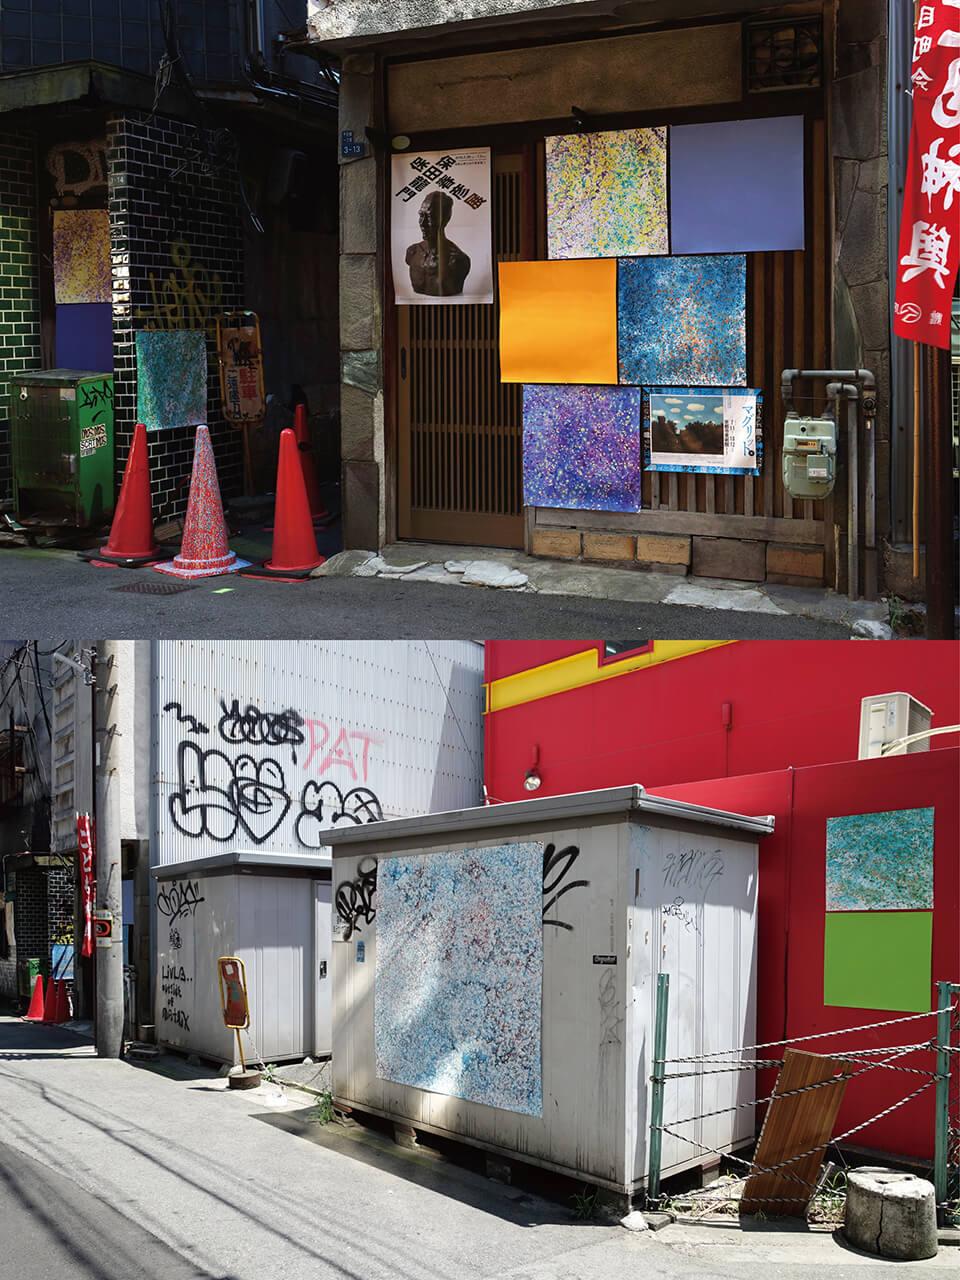 「カオスモス ドローイング~chaosmos drawing」<br /> 2015<br /> 60×60cm~140×140cm<br /> acrylic on watercolor paper<br /> acrylic on canvas<br /> ギャラリーから半径50m程度の街の中10カ所に展示<br /> ギャラリー編・かのこ 周辺の街/大阪